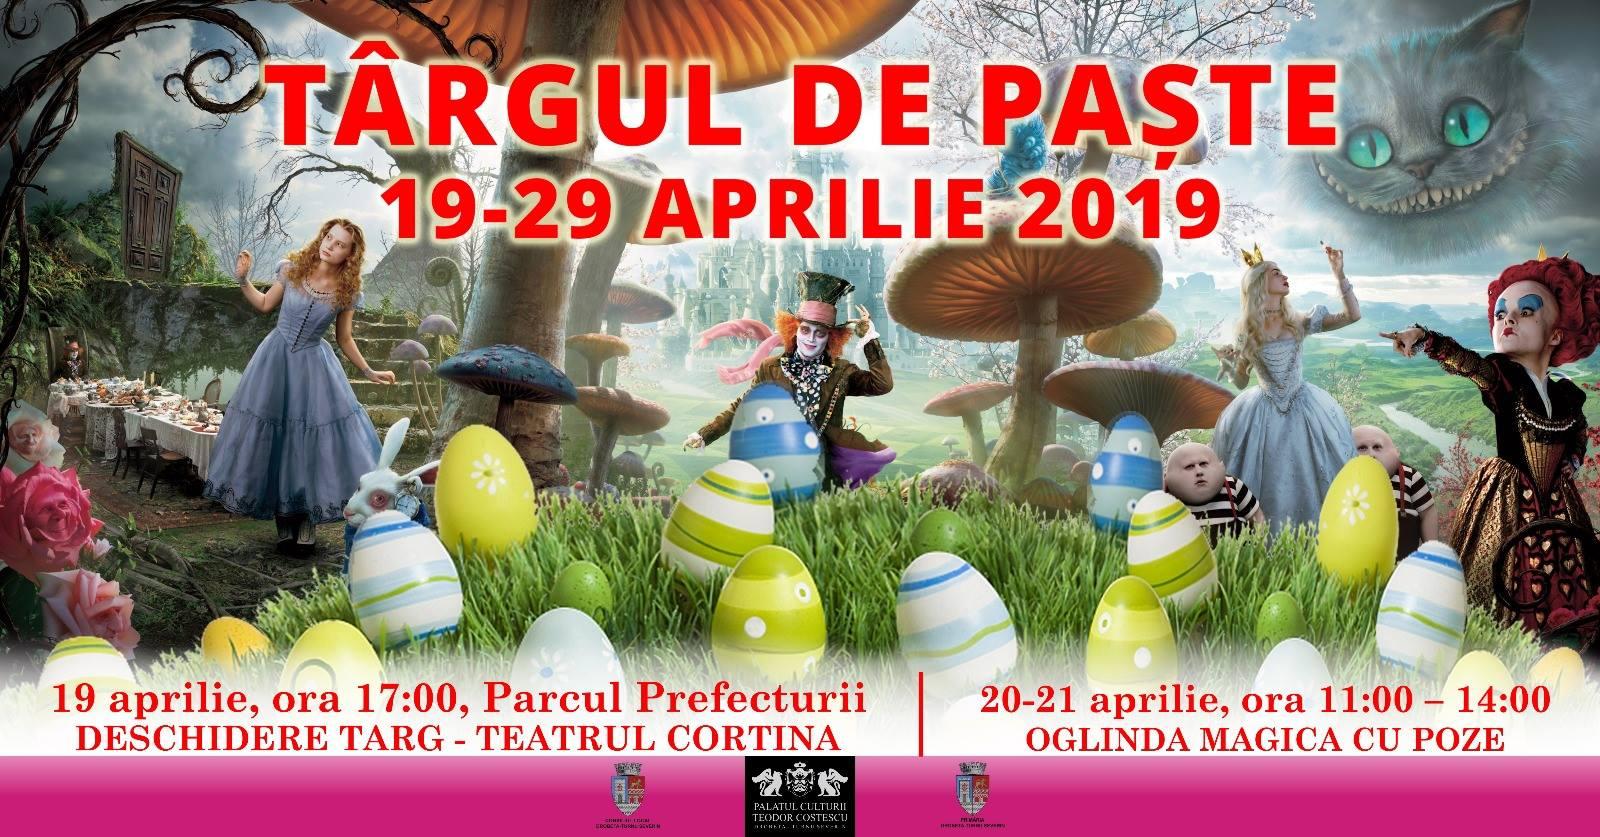 Târgul de Paște se deschide în centrul Severinului în data de 19 aprilie